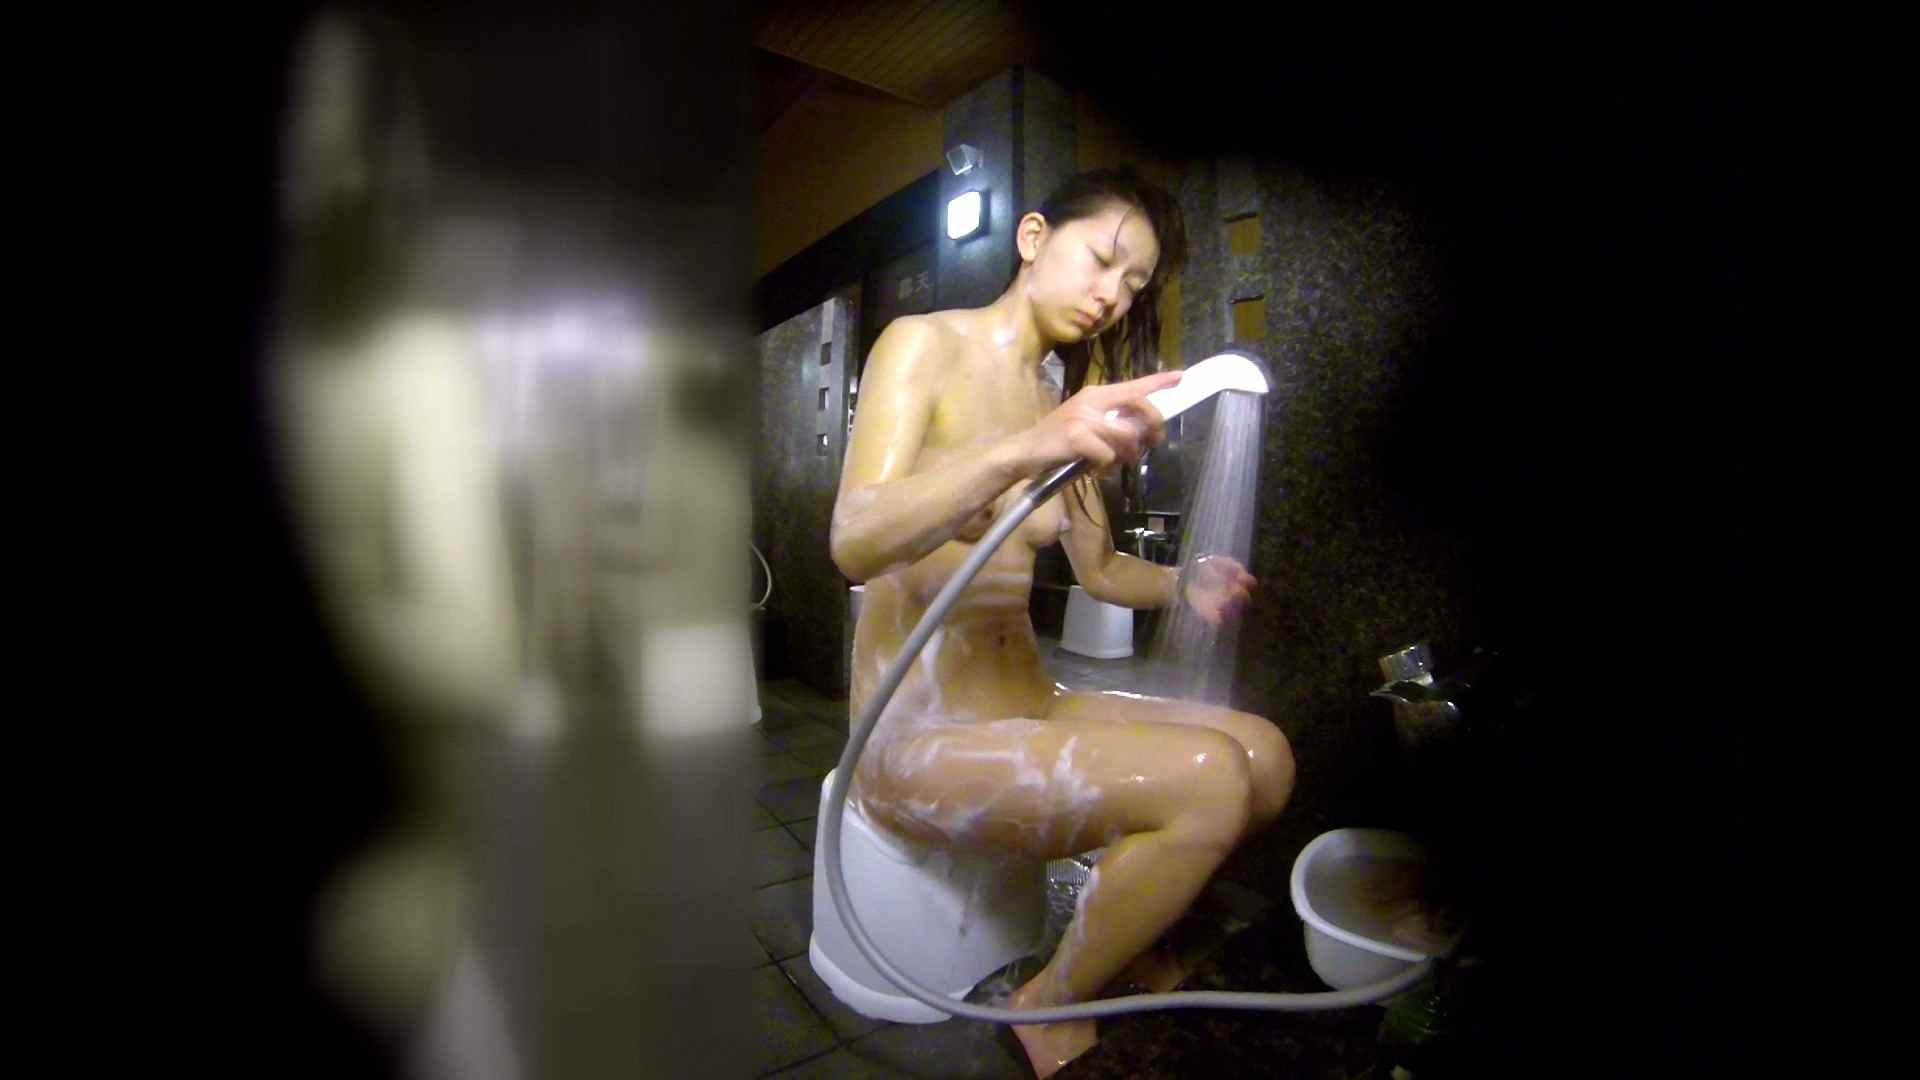 洗い場!綺麗なお女市さんは好きですか? お姉さん攻略 濡れ場動画紹介 104画像 80